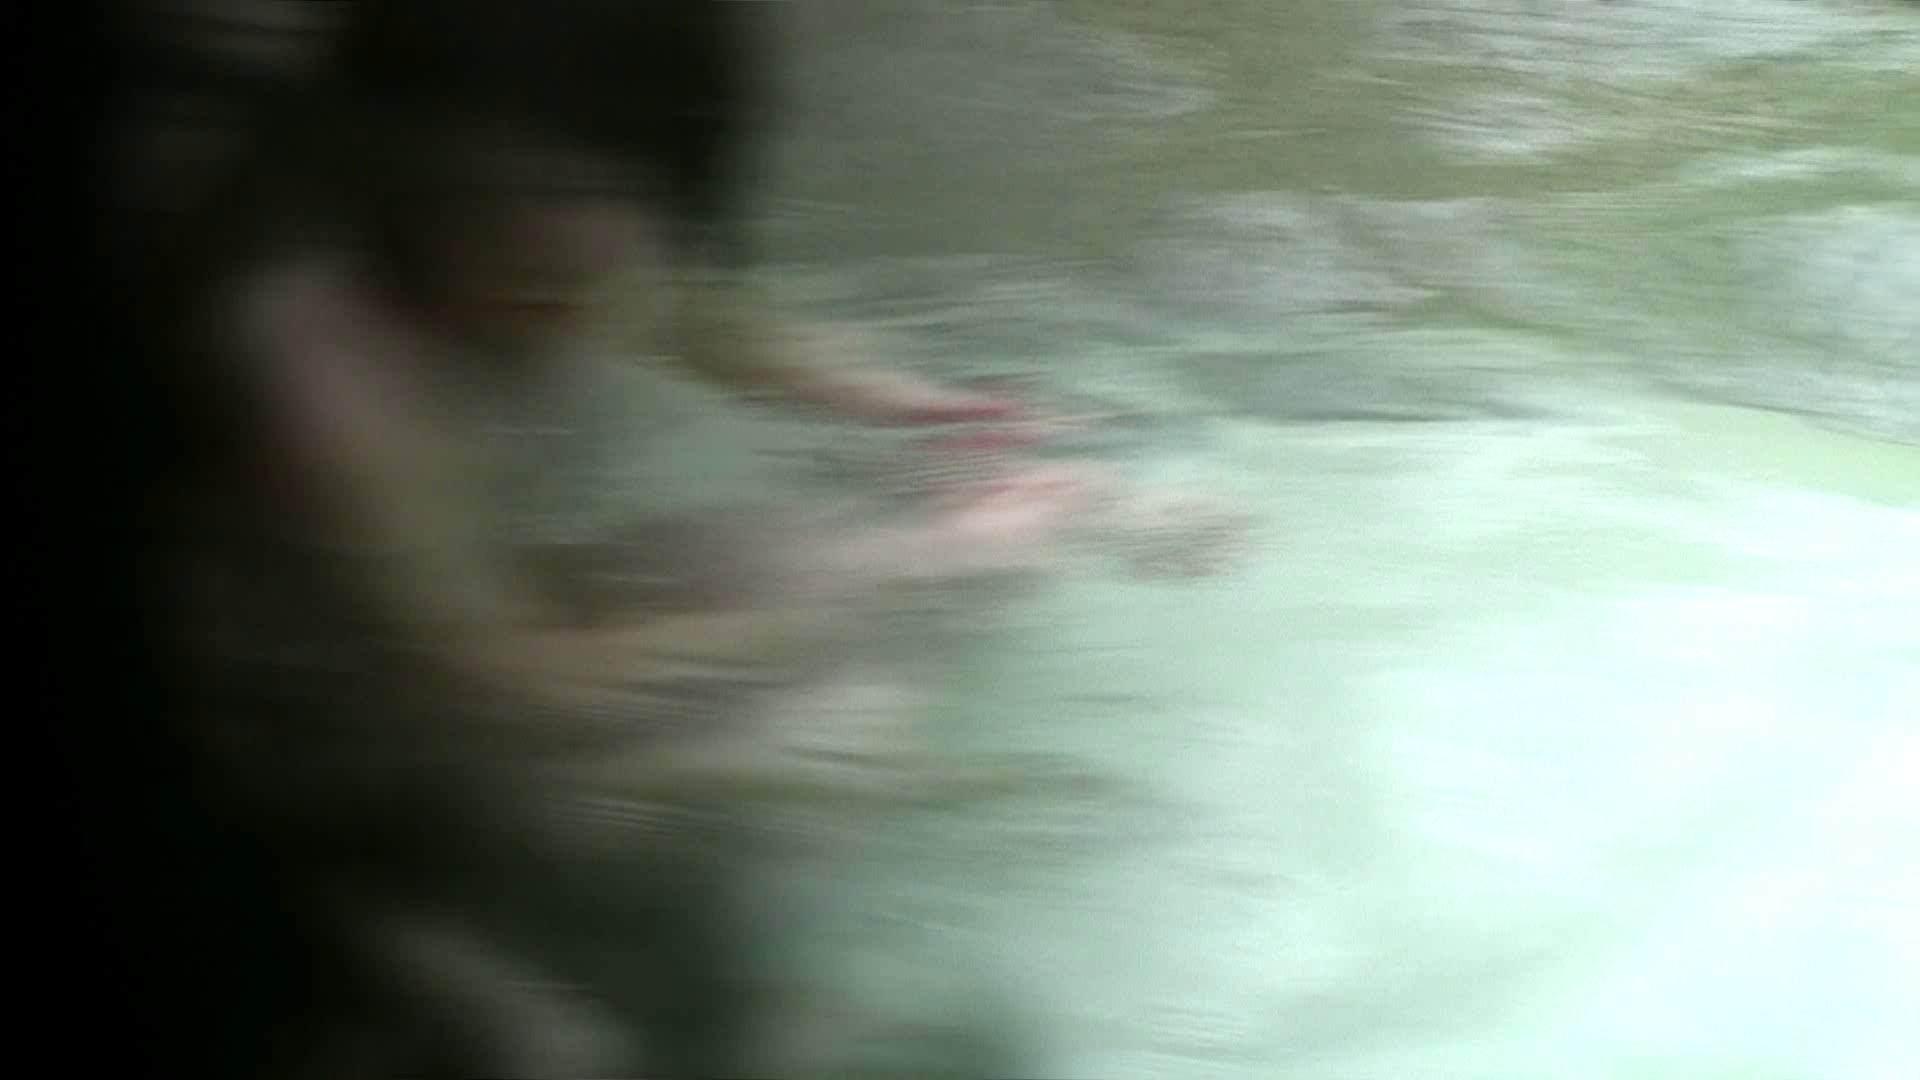 Aquaな露天風呂Vol.655 美しいOLの裸体  72pic 33